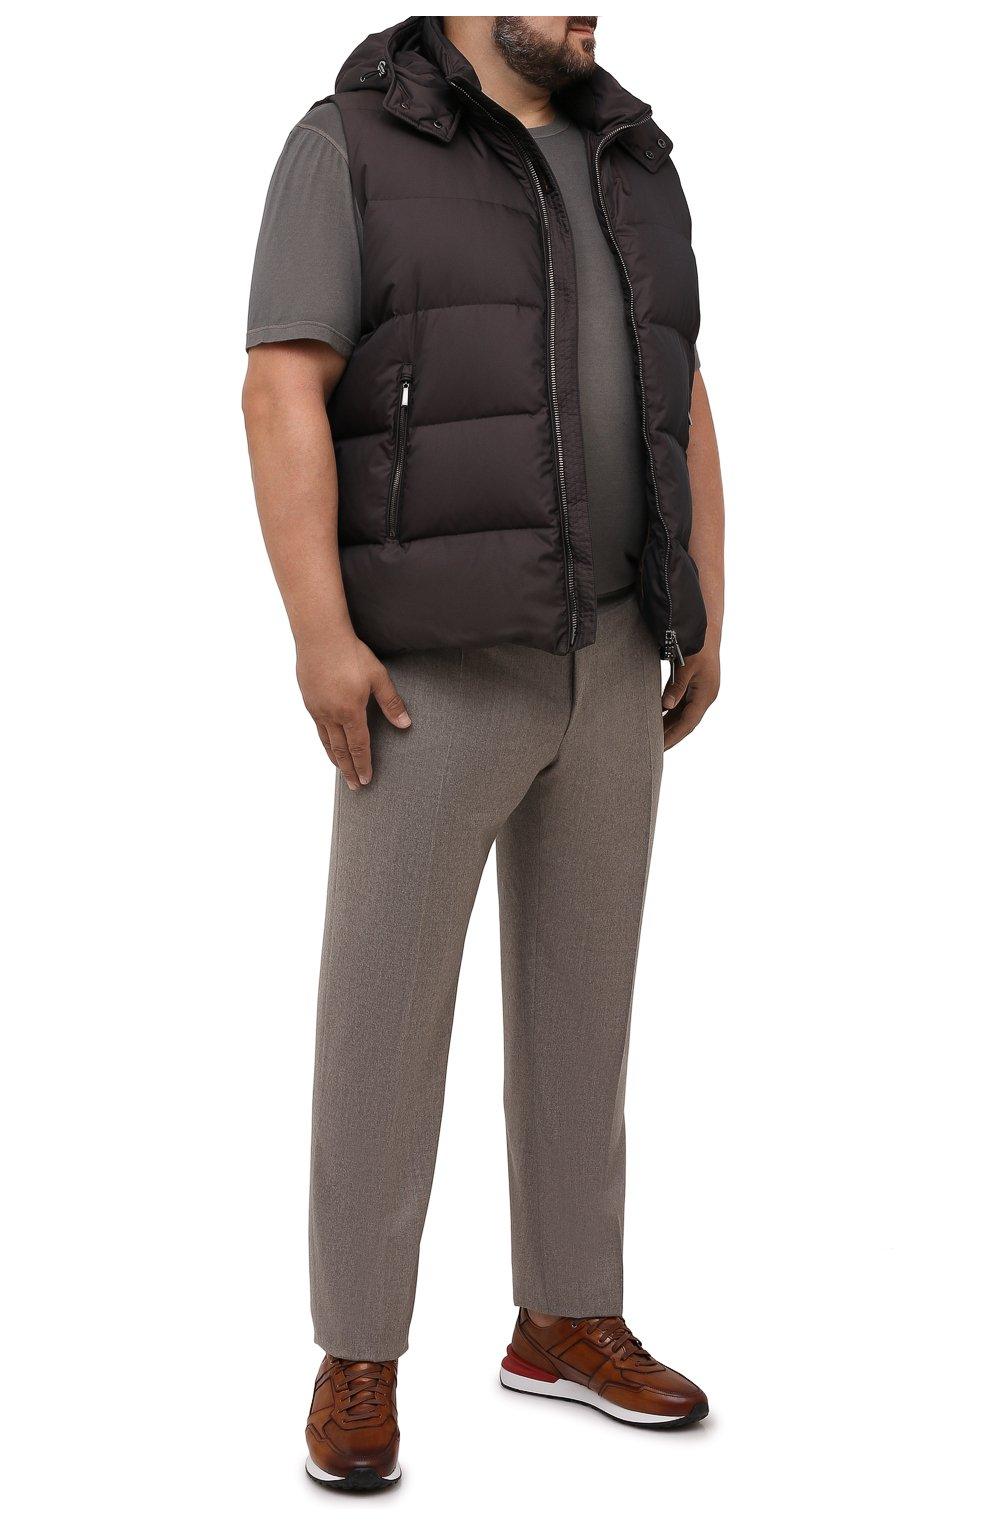 Мужской пуховый жилет fayer-wk MOORER коричневого цвета, арт. FAYER-WK/M0UGI100180-TEPA022/60-68   Фото 2 (Кросс-КТ: Куртка, Пуховик; Материал внешний: Синтетический материал; Материал подклада: Синтетический материал; Длина (верхняя одежда): Короткие; Стили: Кэжуэл)